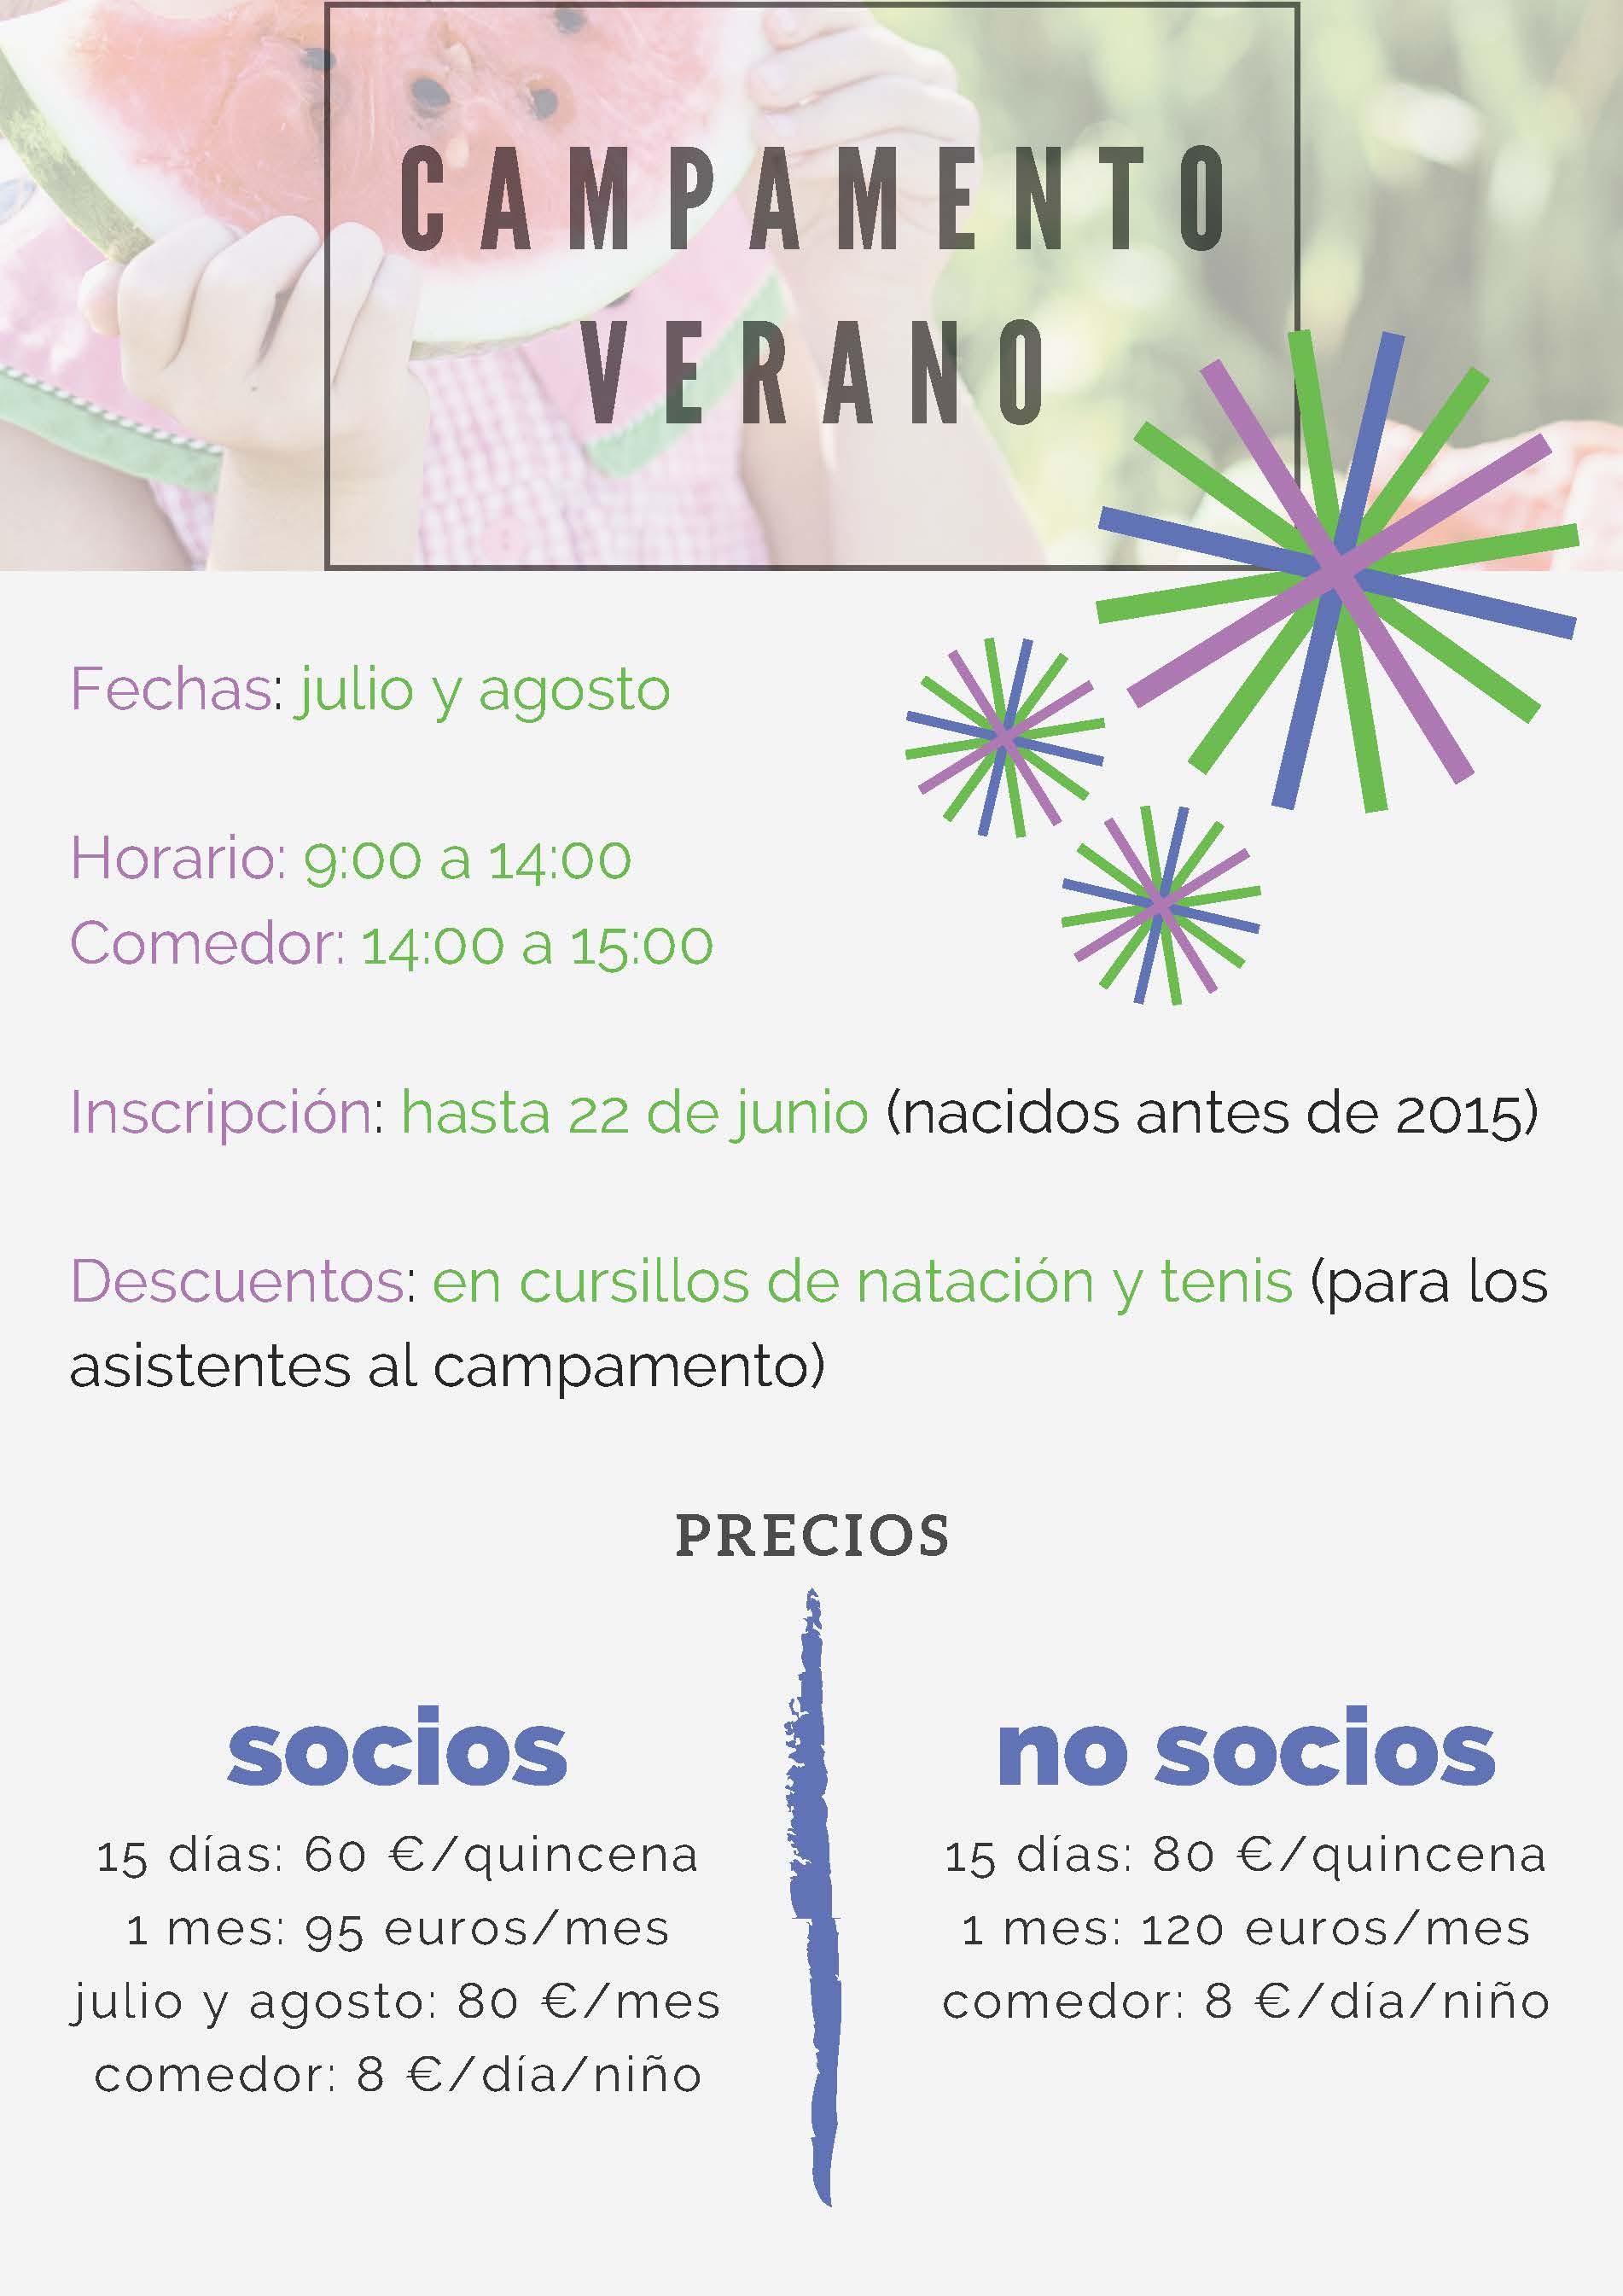 CAMPAMENTO DE VERANO JULIO Y AGOSTO 2019